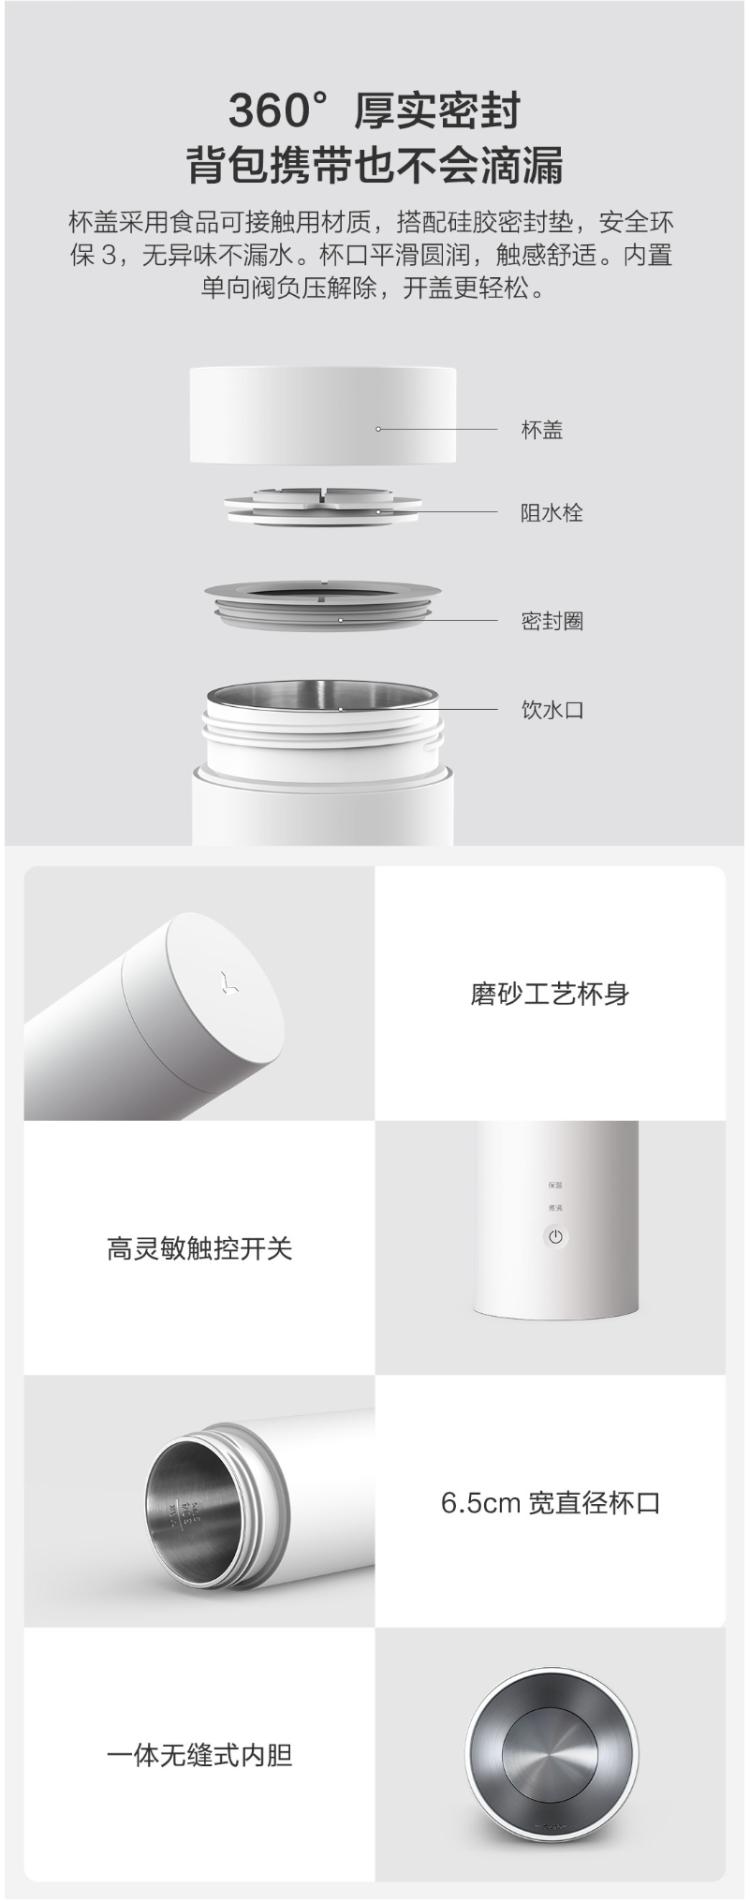 云米 YM-K0401 旅行电热保温杯 400ml 图7